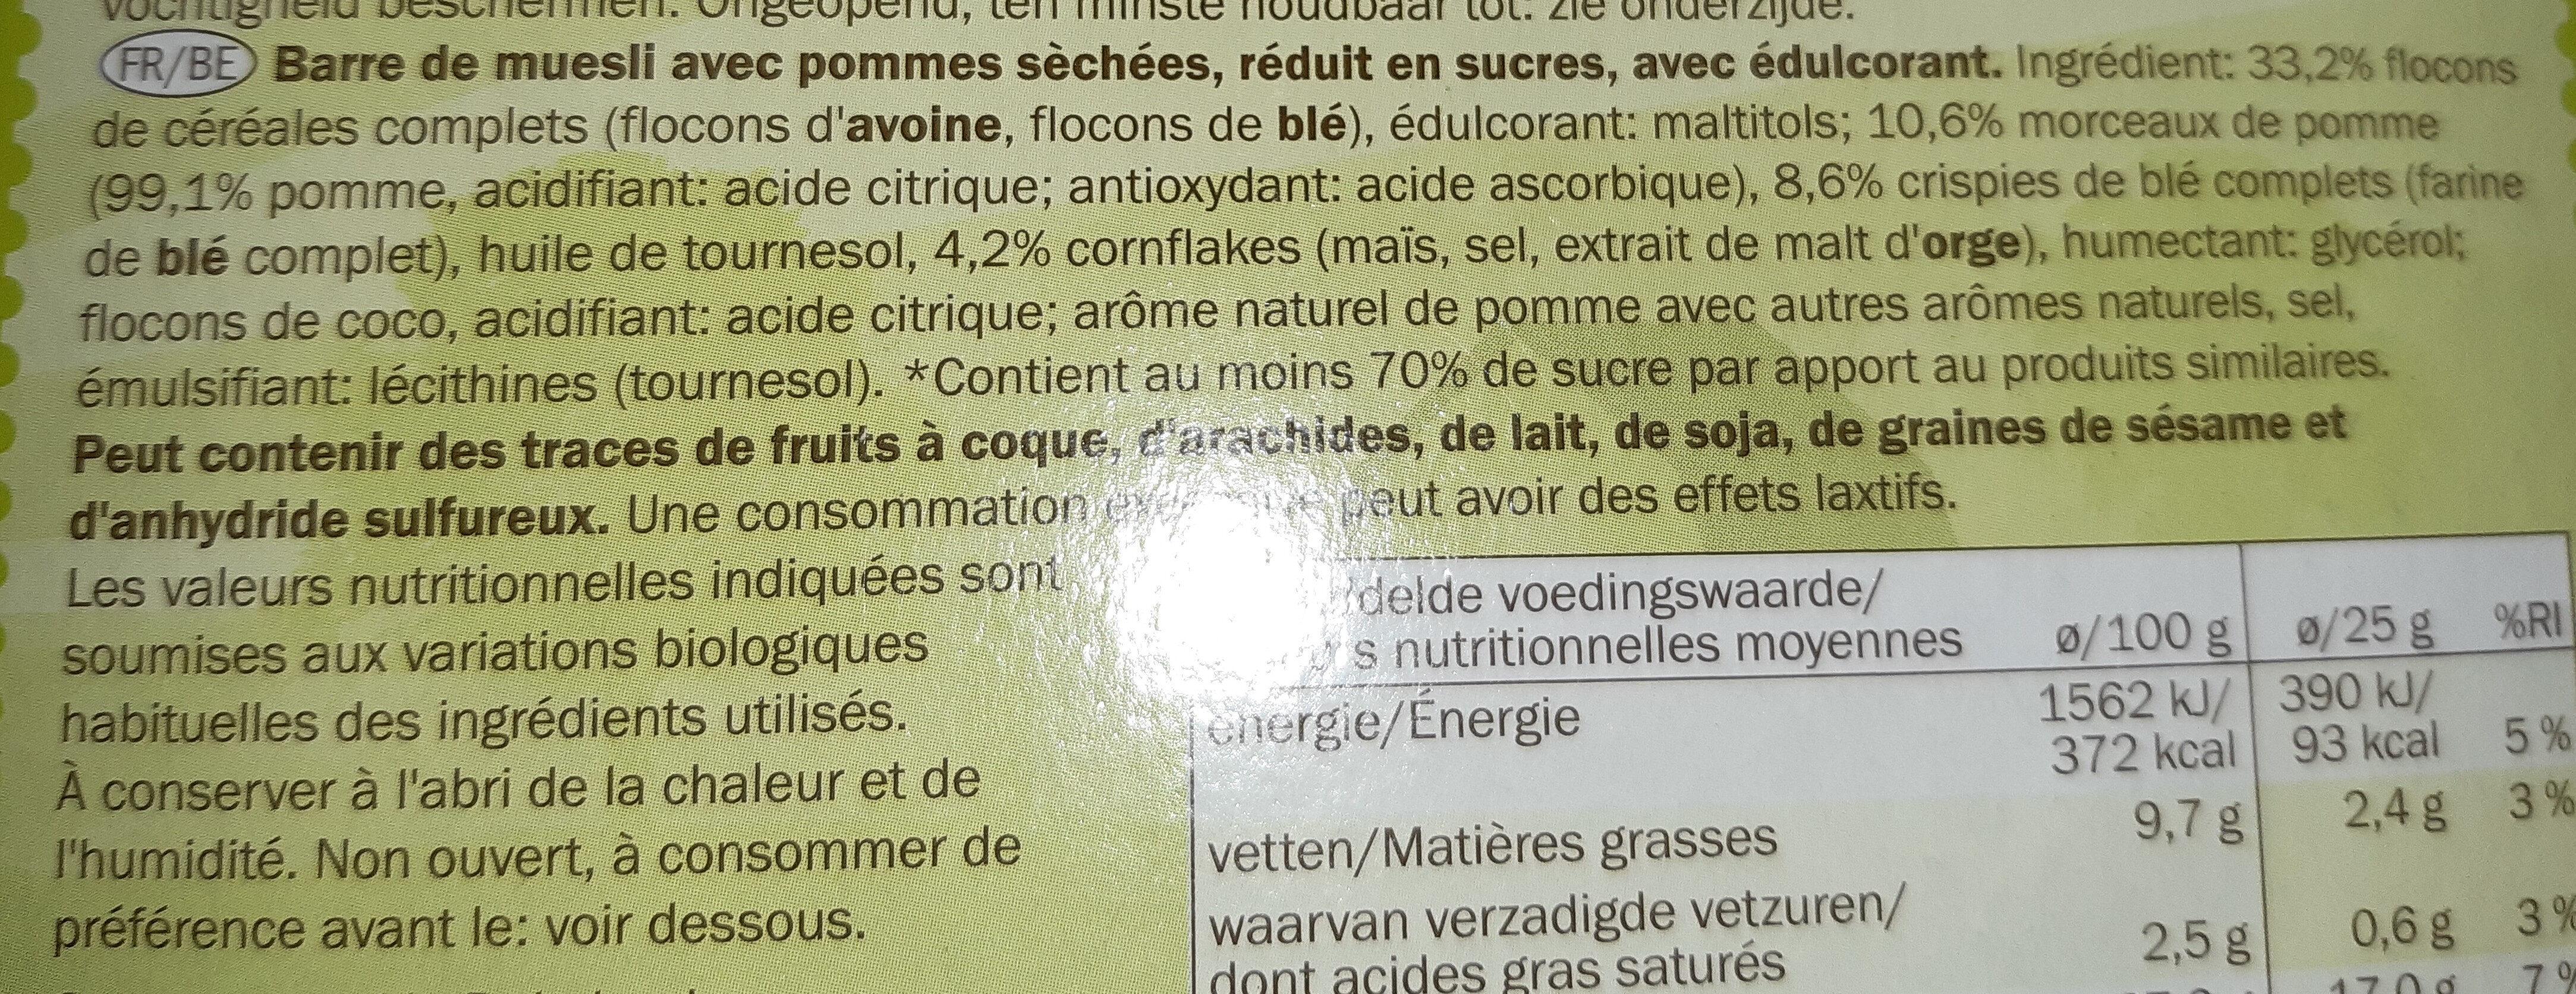 Barre de cereales pomme - Ingrédients - fr